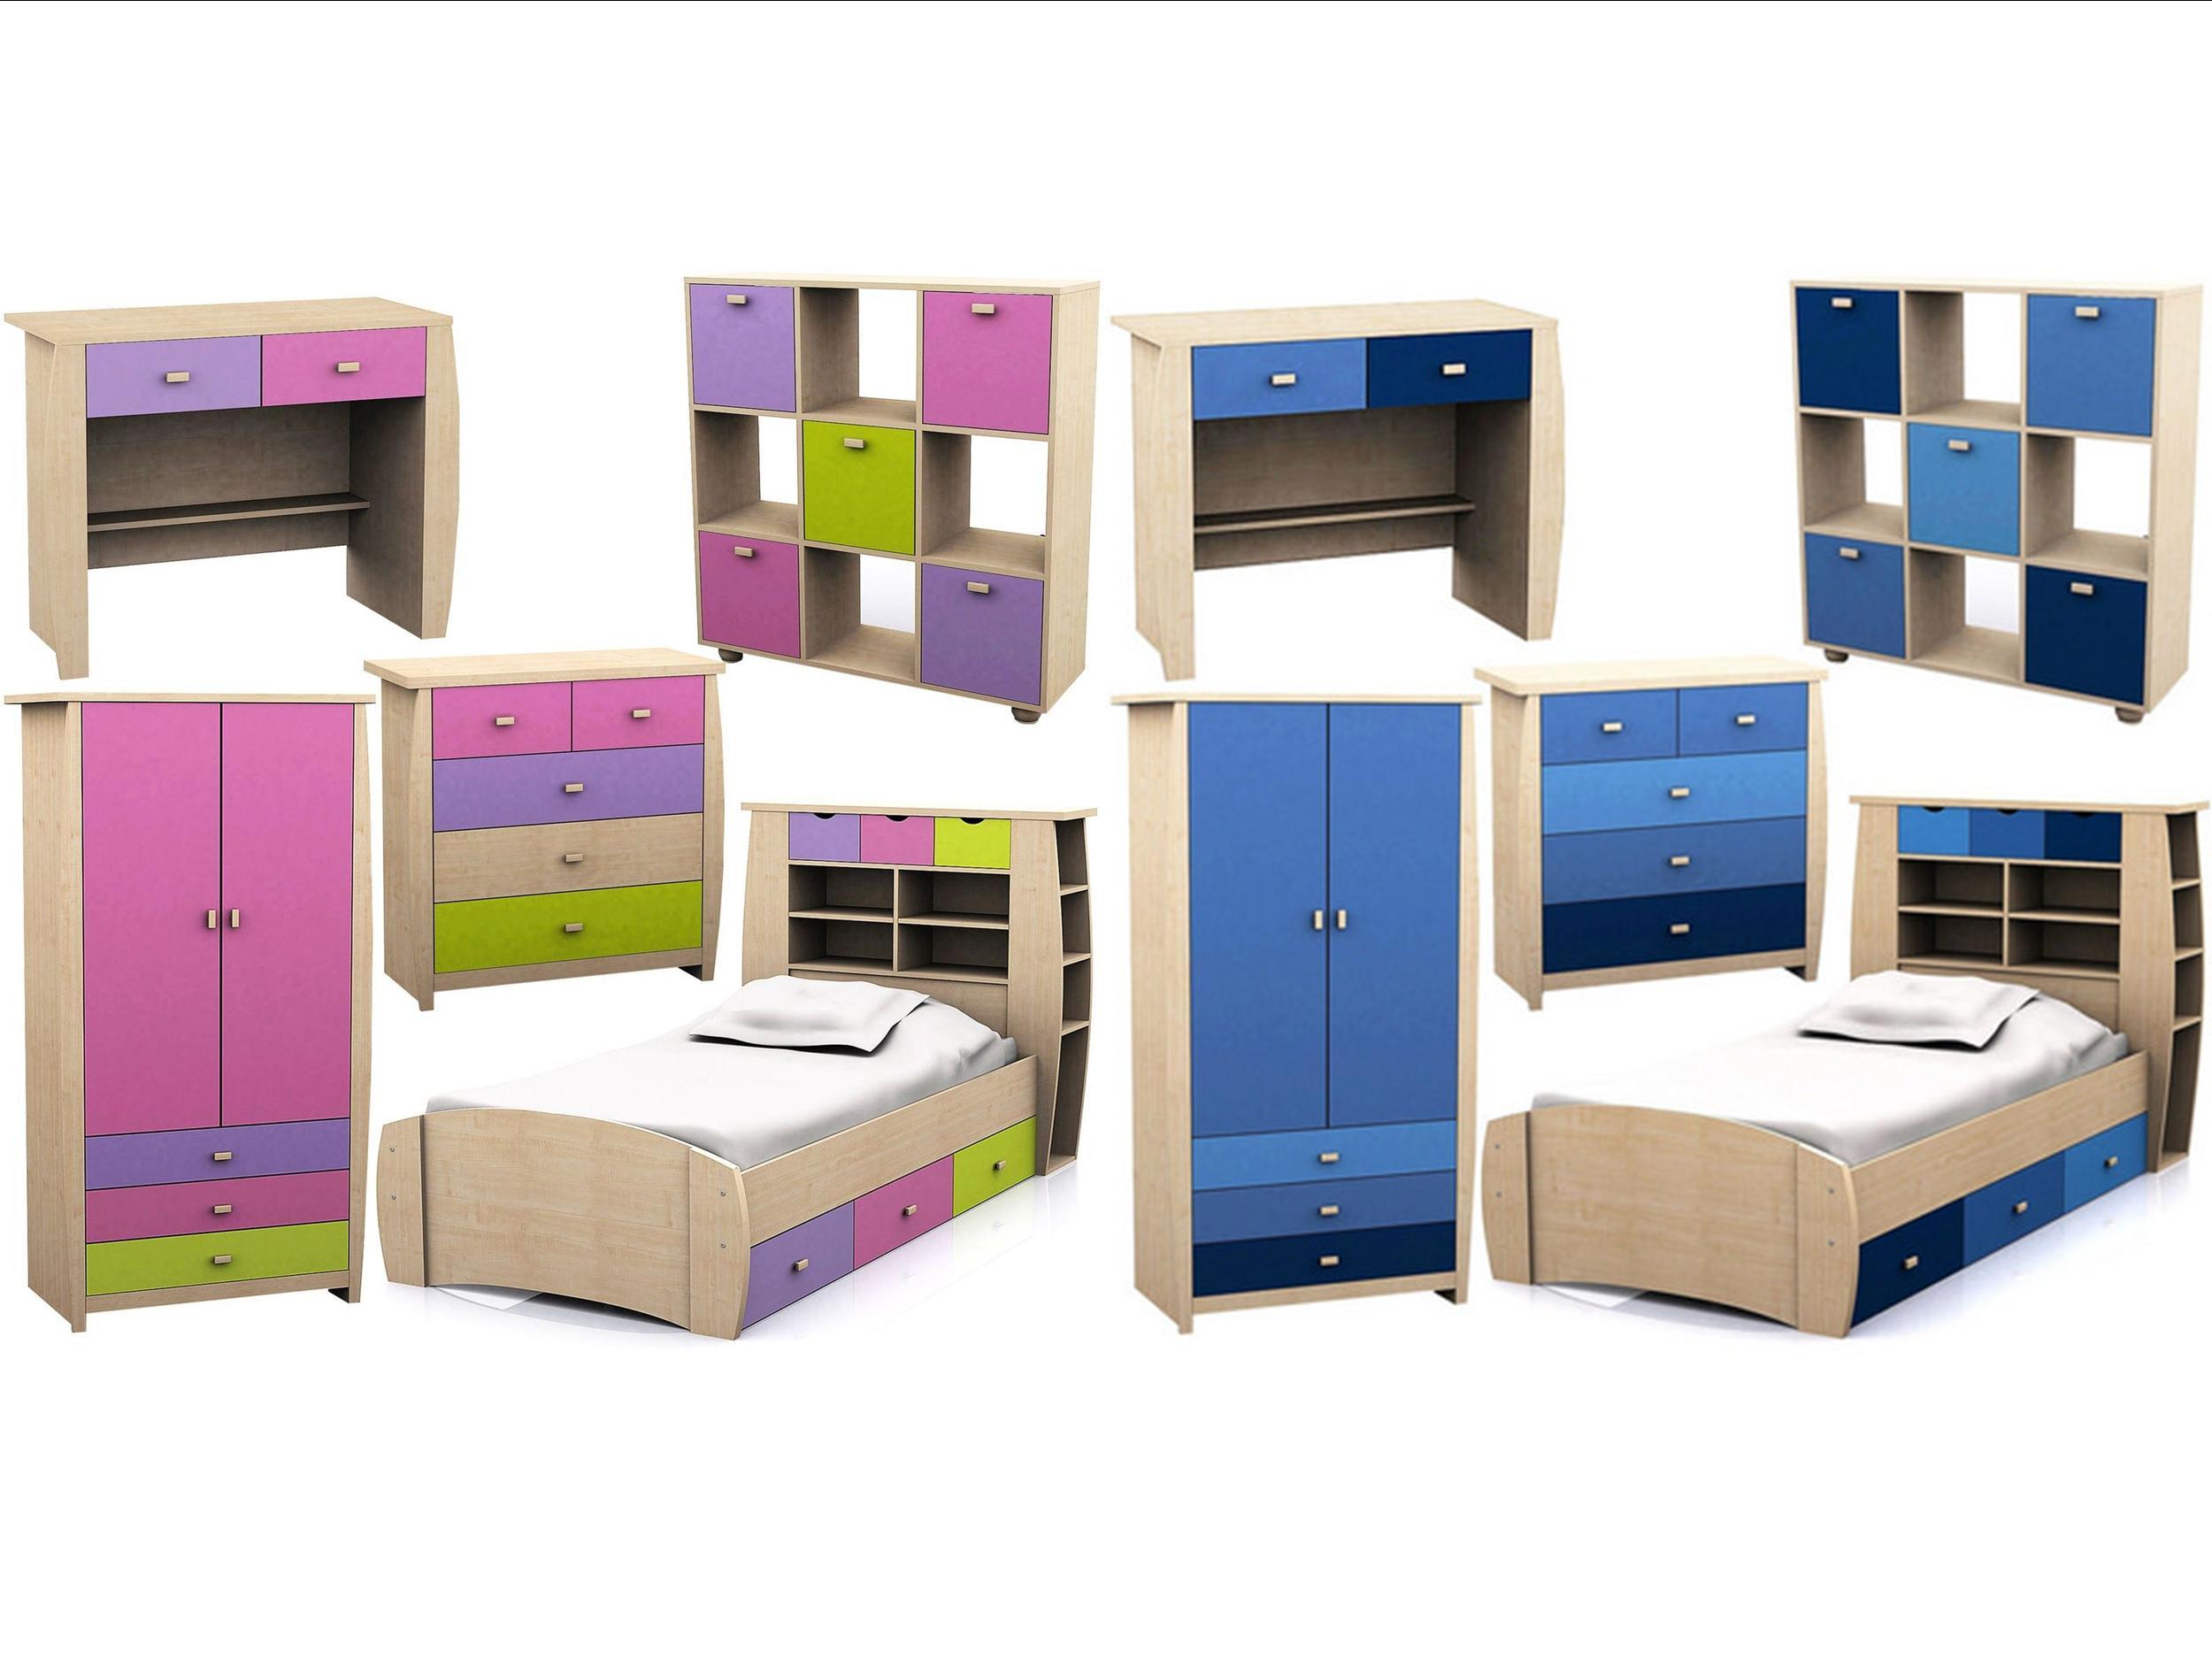 Details about Childrens Pink or Blue Bedroom Furniture -  Bed,Wardrobe,Chest,Desk Sydney Range